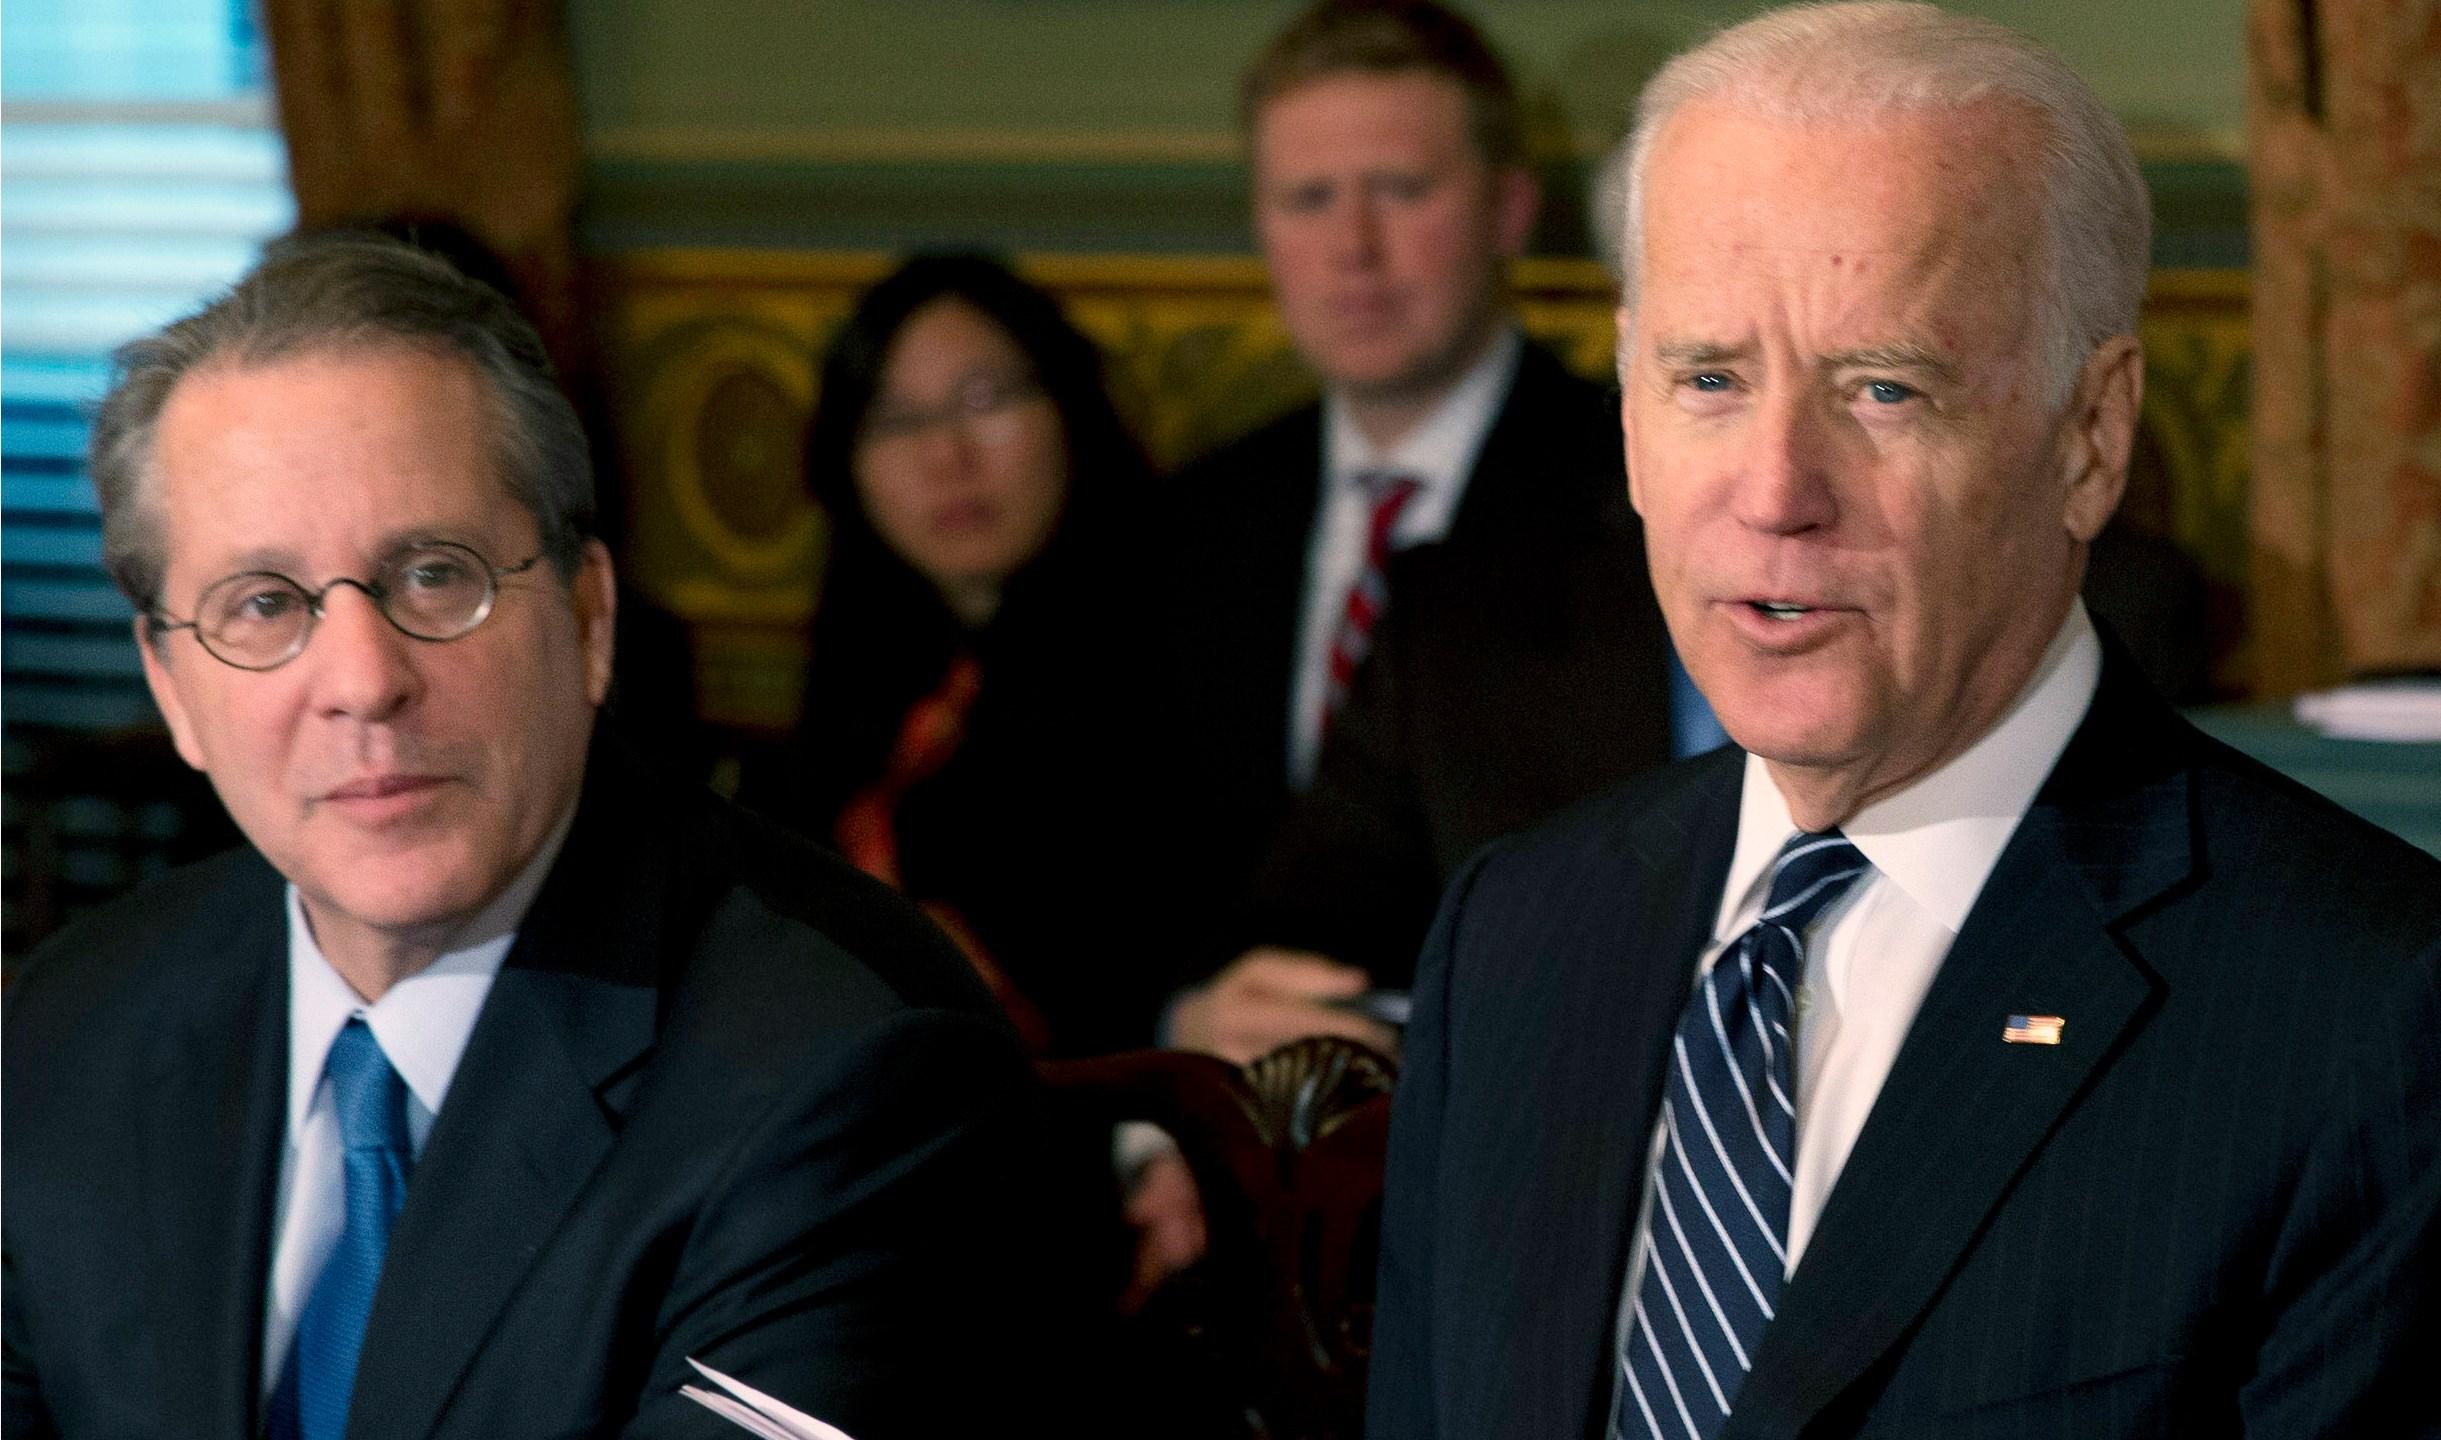 Joe Biden, Gene Sperling